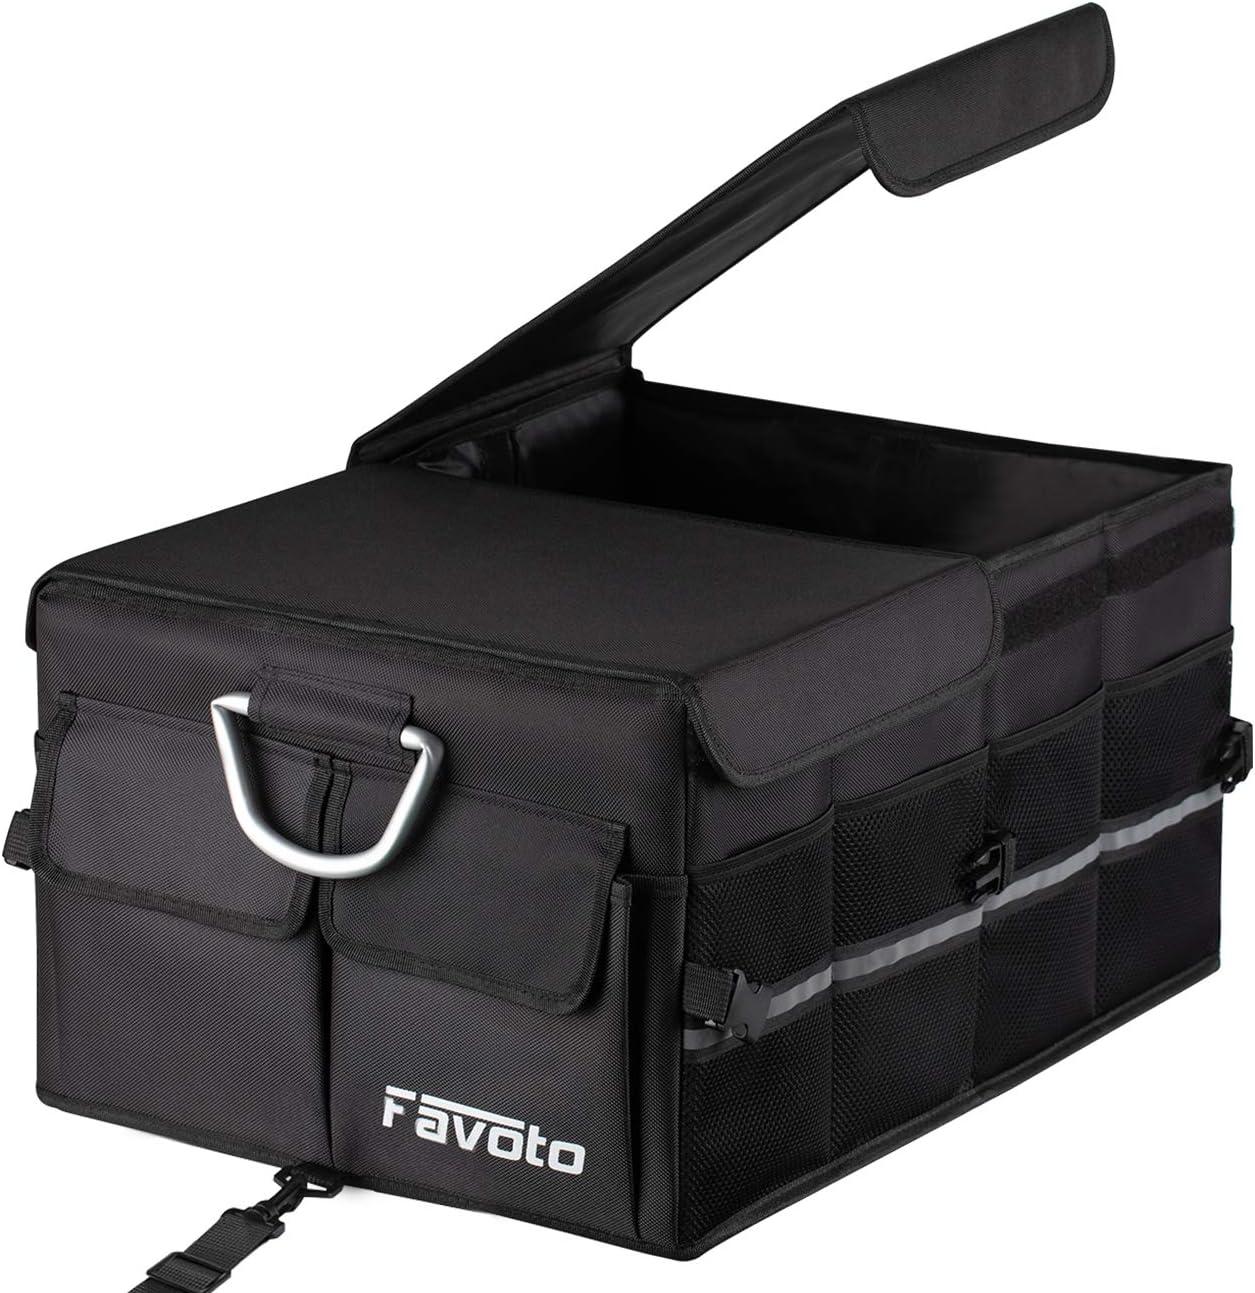 Favoto Auto Kofferraum Organizer Kofferraumtasche Mit Klappbarem Deckel Reflektorstreifen Robust Oxford Material Wasserdicht Autotasche Box Für Limousine Suv Schrägheck Schwarz Auto